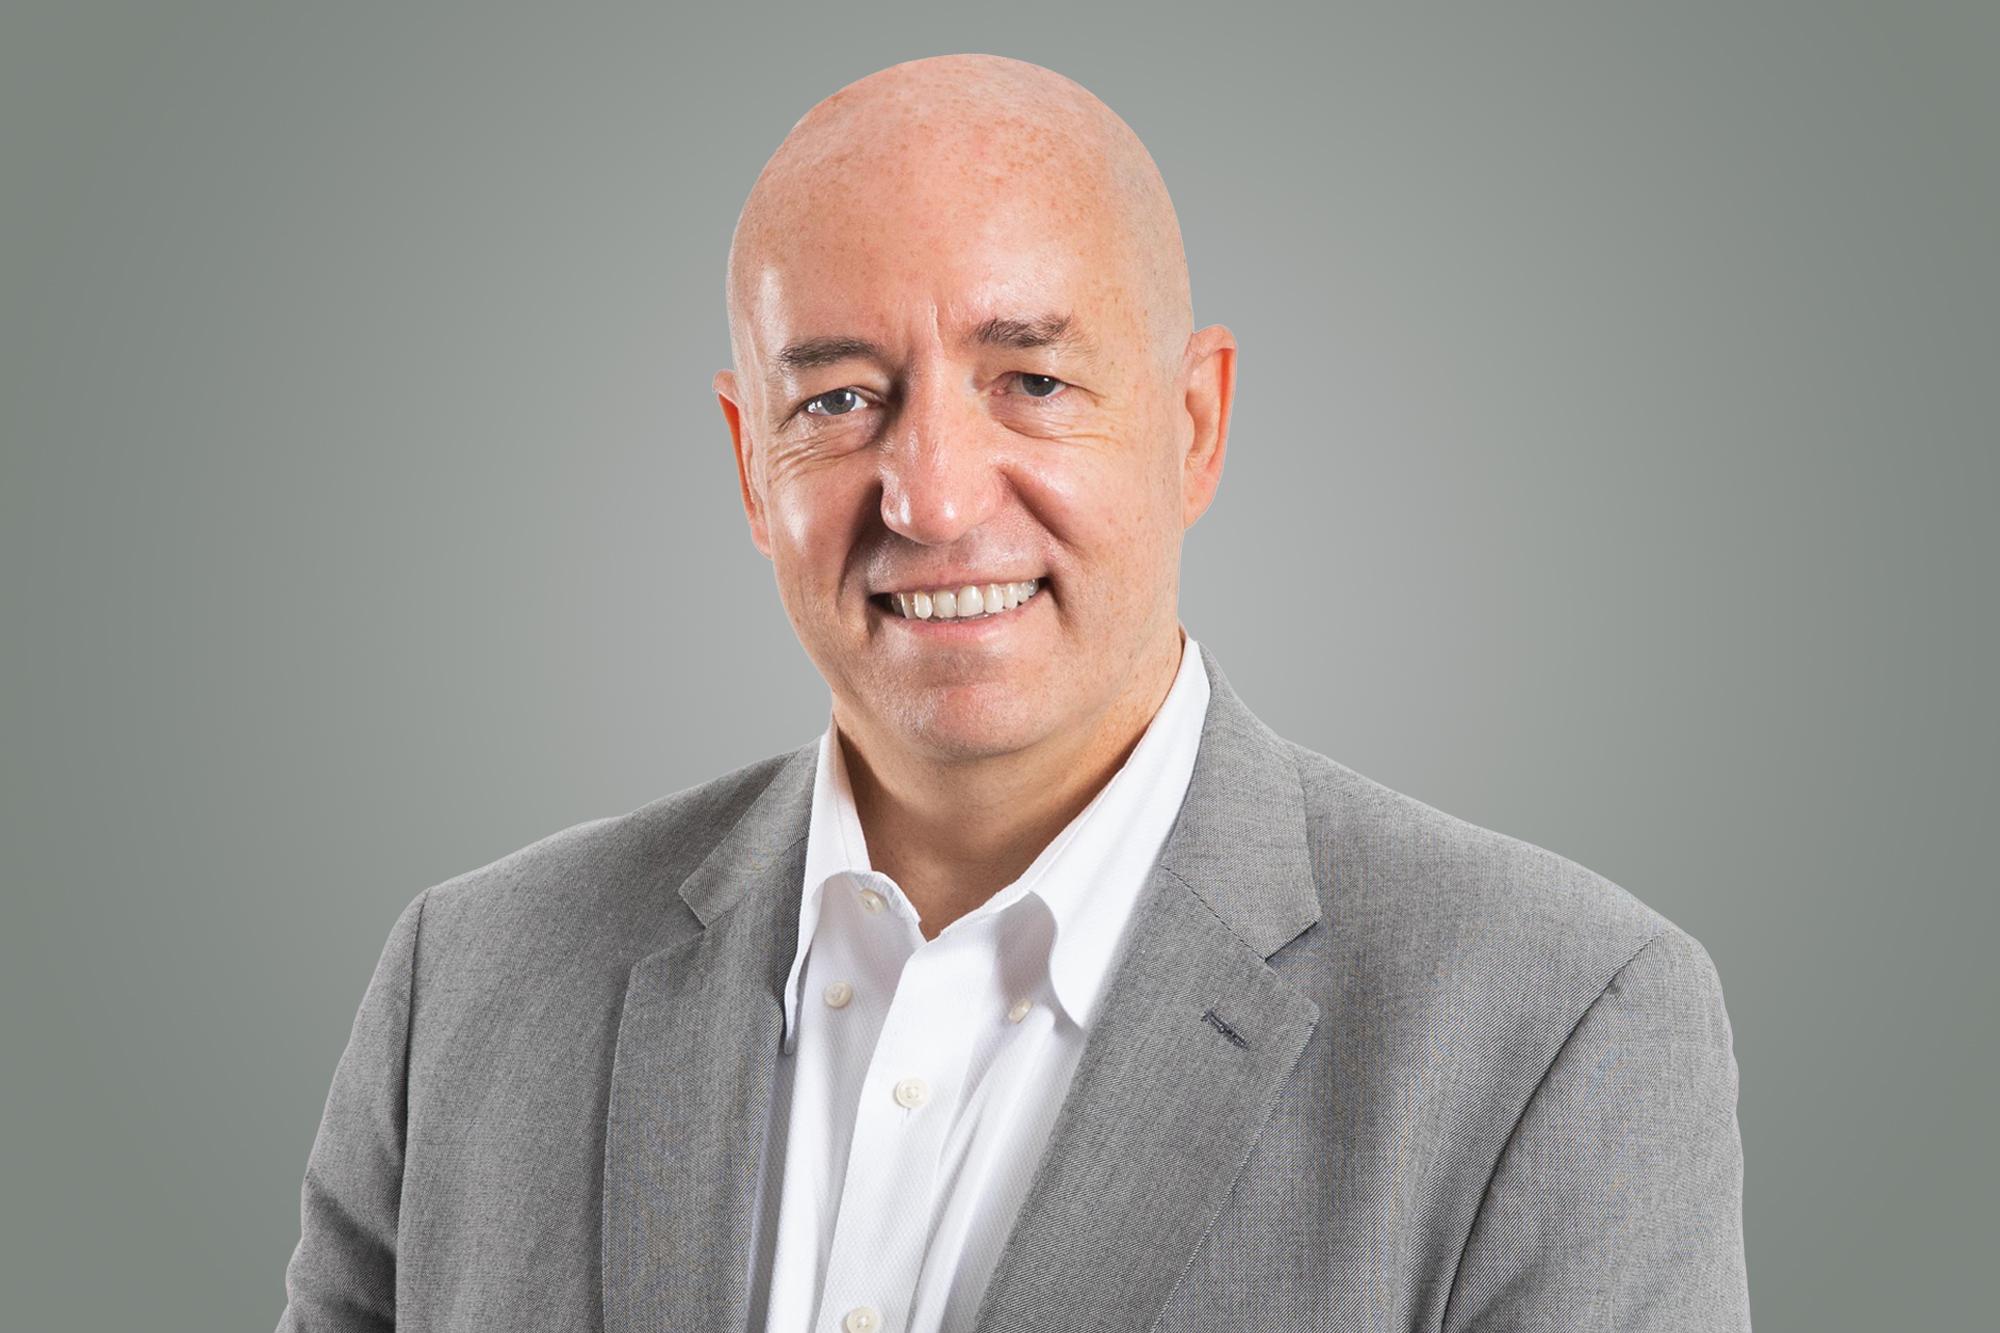 Ignacio Sordo